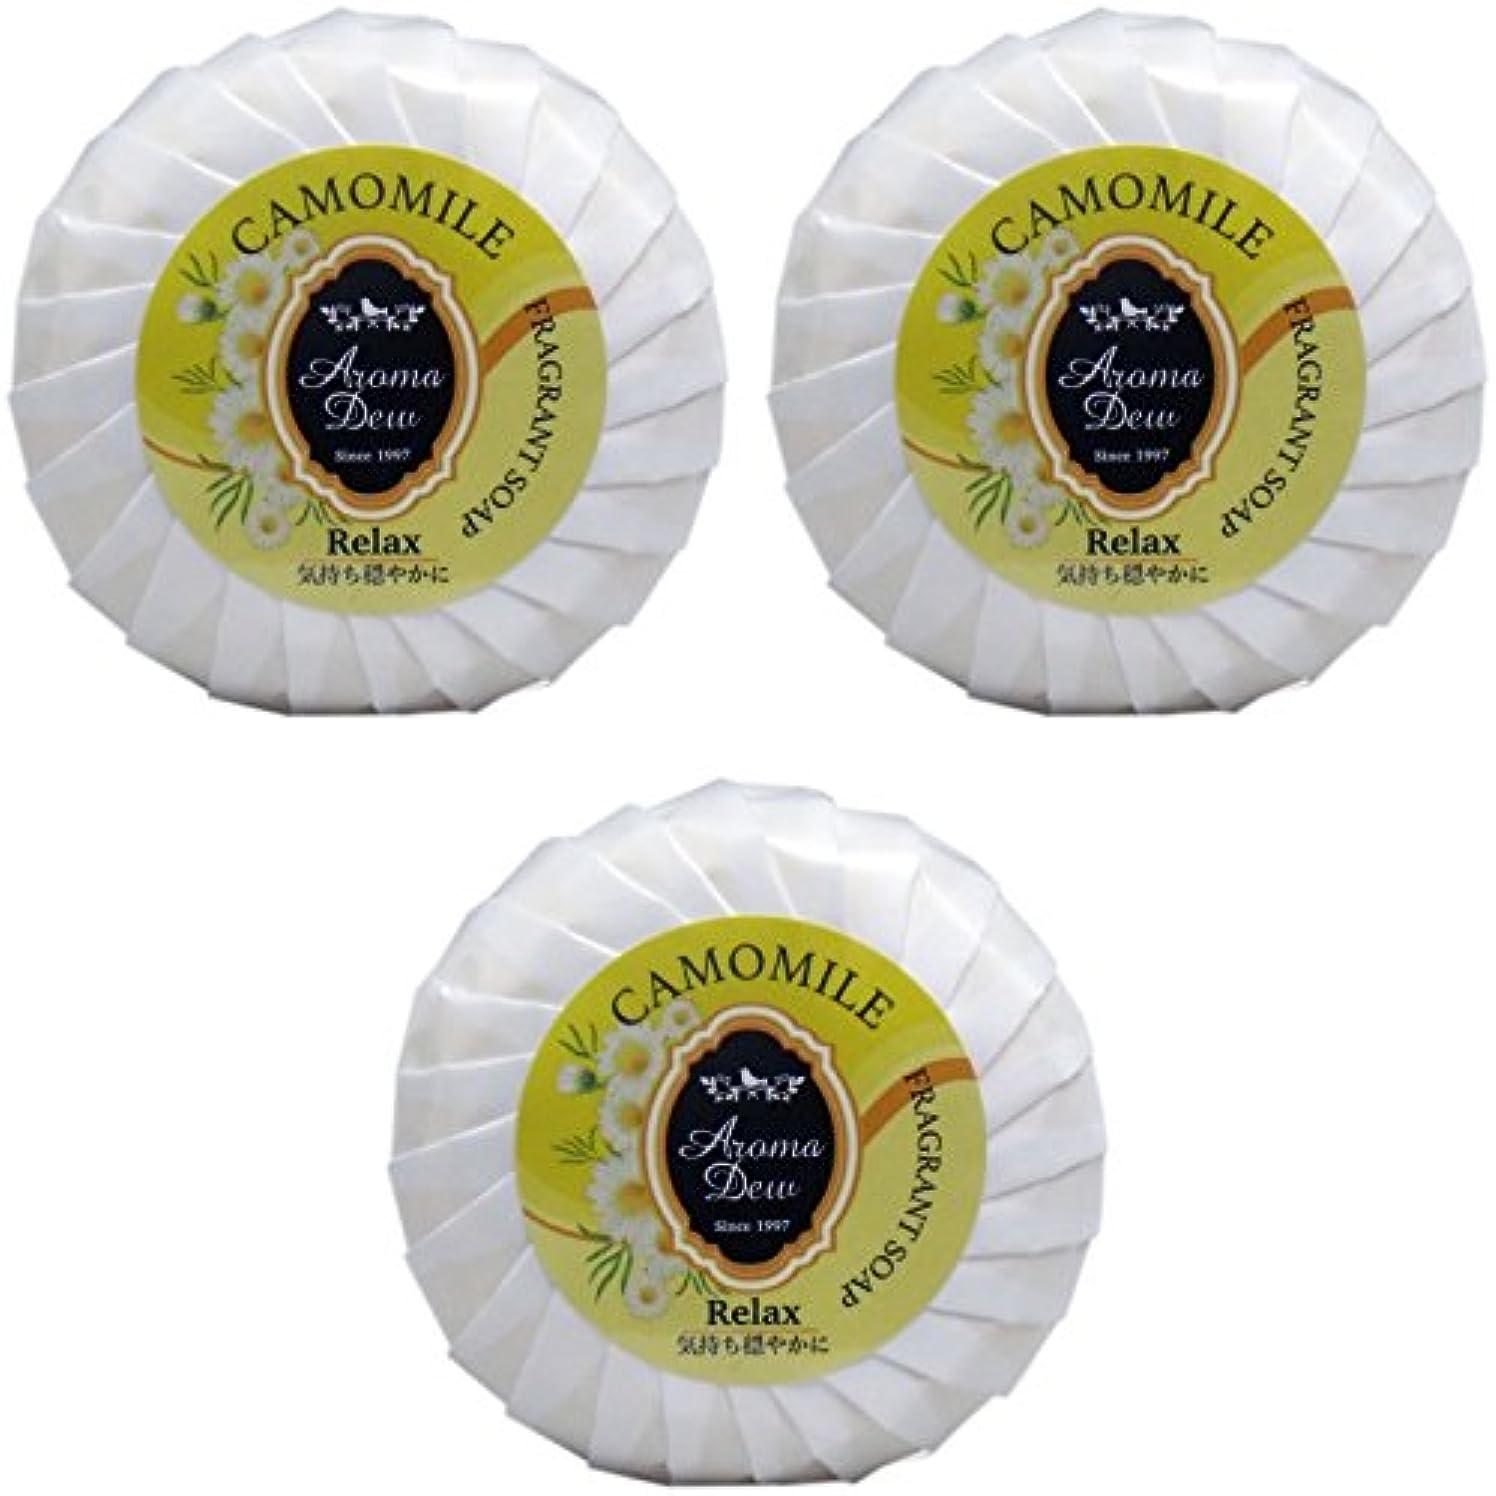 価値のない夕暮れハンカチ【まとめ買い】アロマデュウ フレグラントソープ カモミールの香り 100g【×3個】